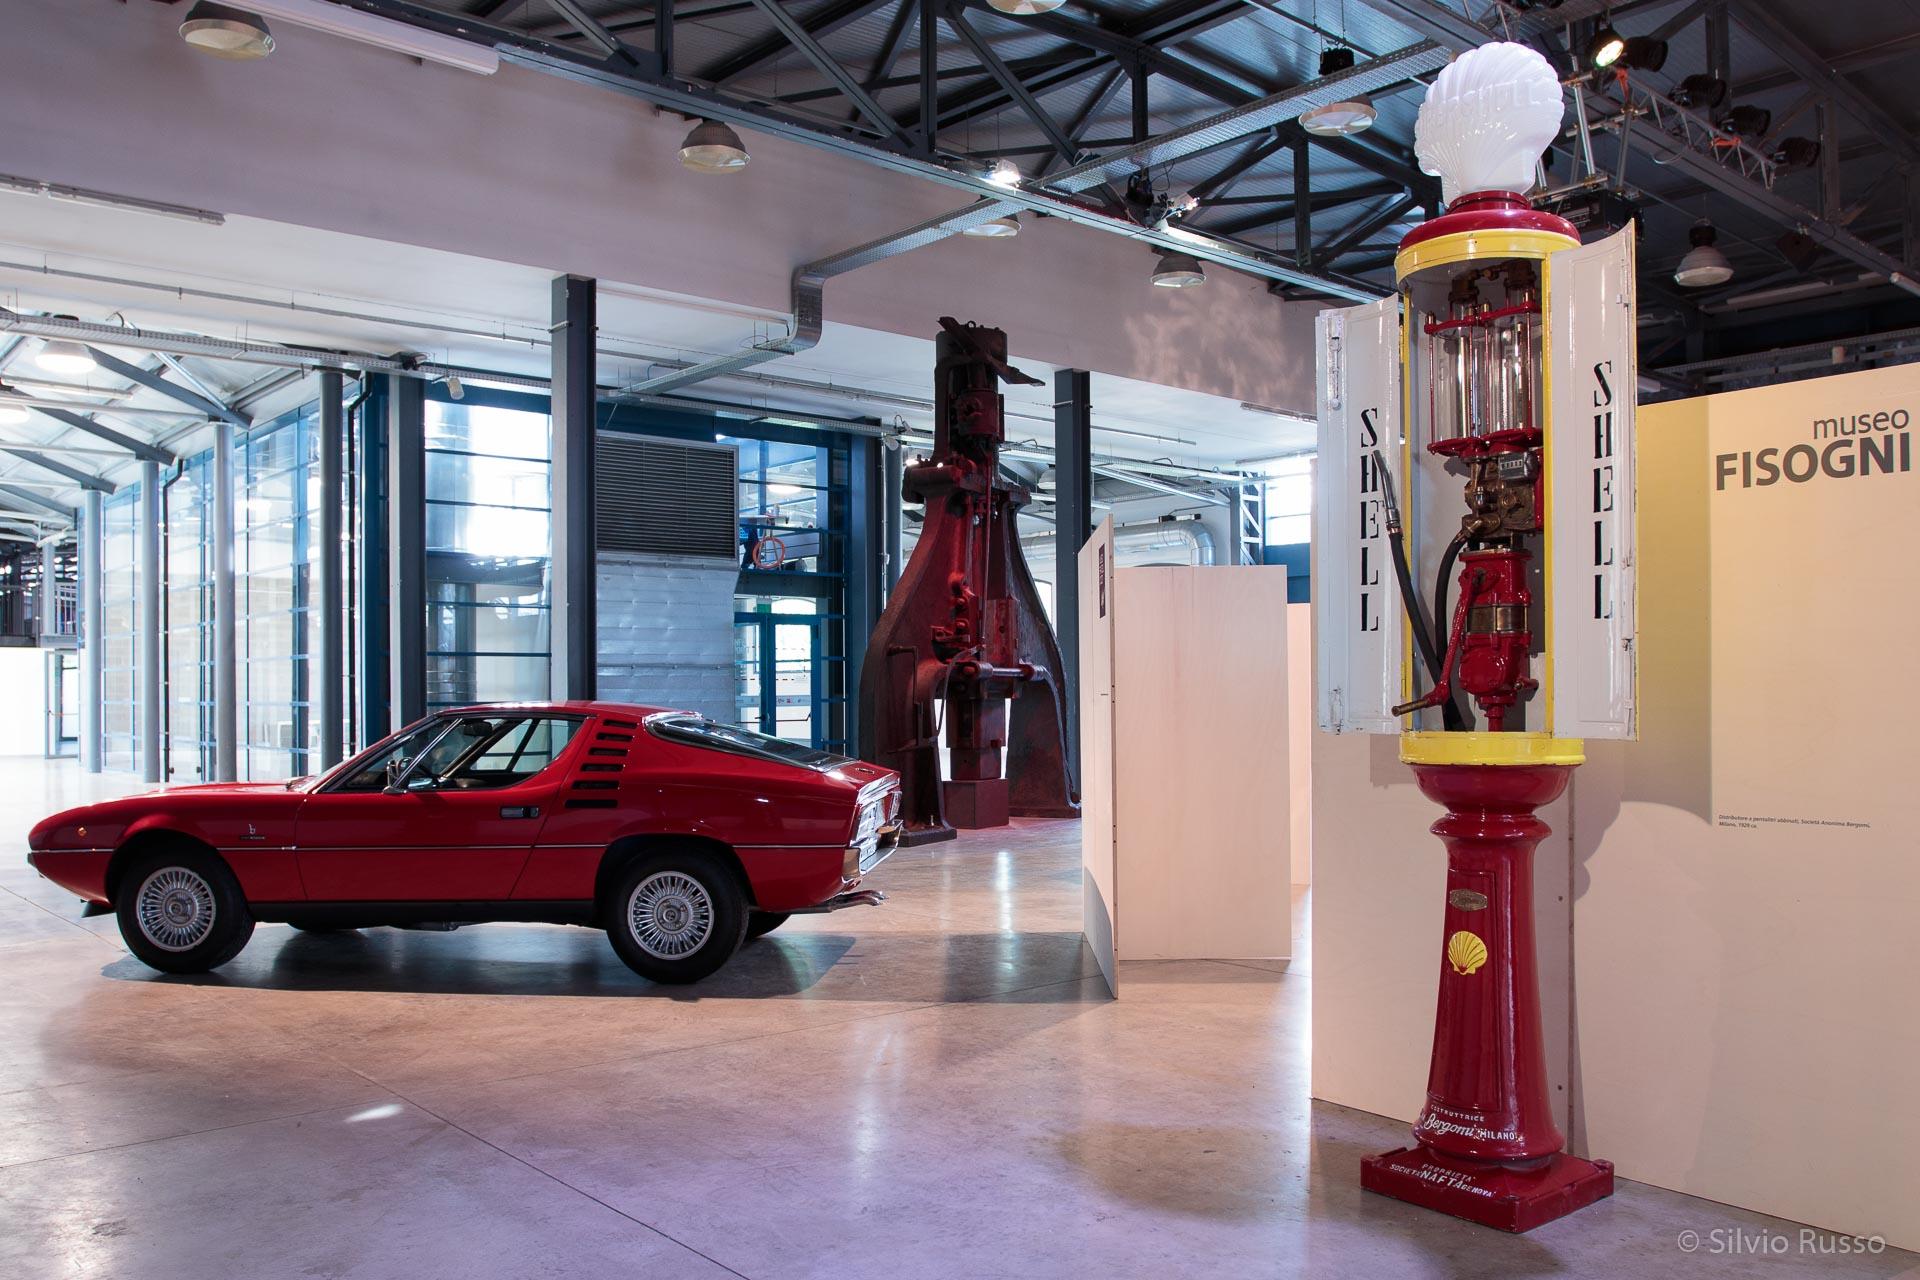 Distributore a pentalitri abbinati, Società Anonima Bergomi, Milano, 1929 ca. Museo Fisogni,  Alfa Romeo Montreal, design Marcello Gandini per Bertone, 1967, Museo fratelli Cozzi